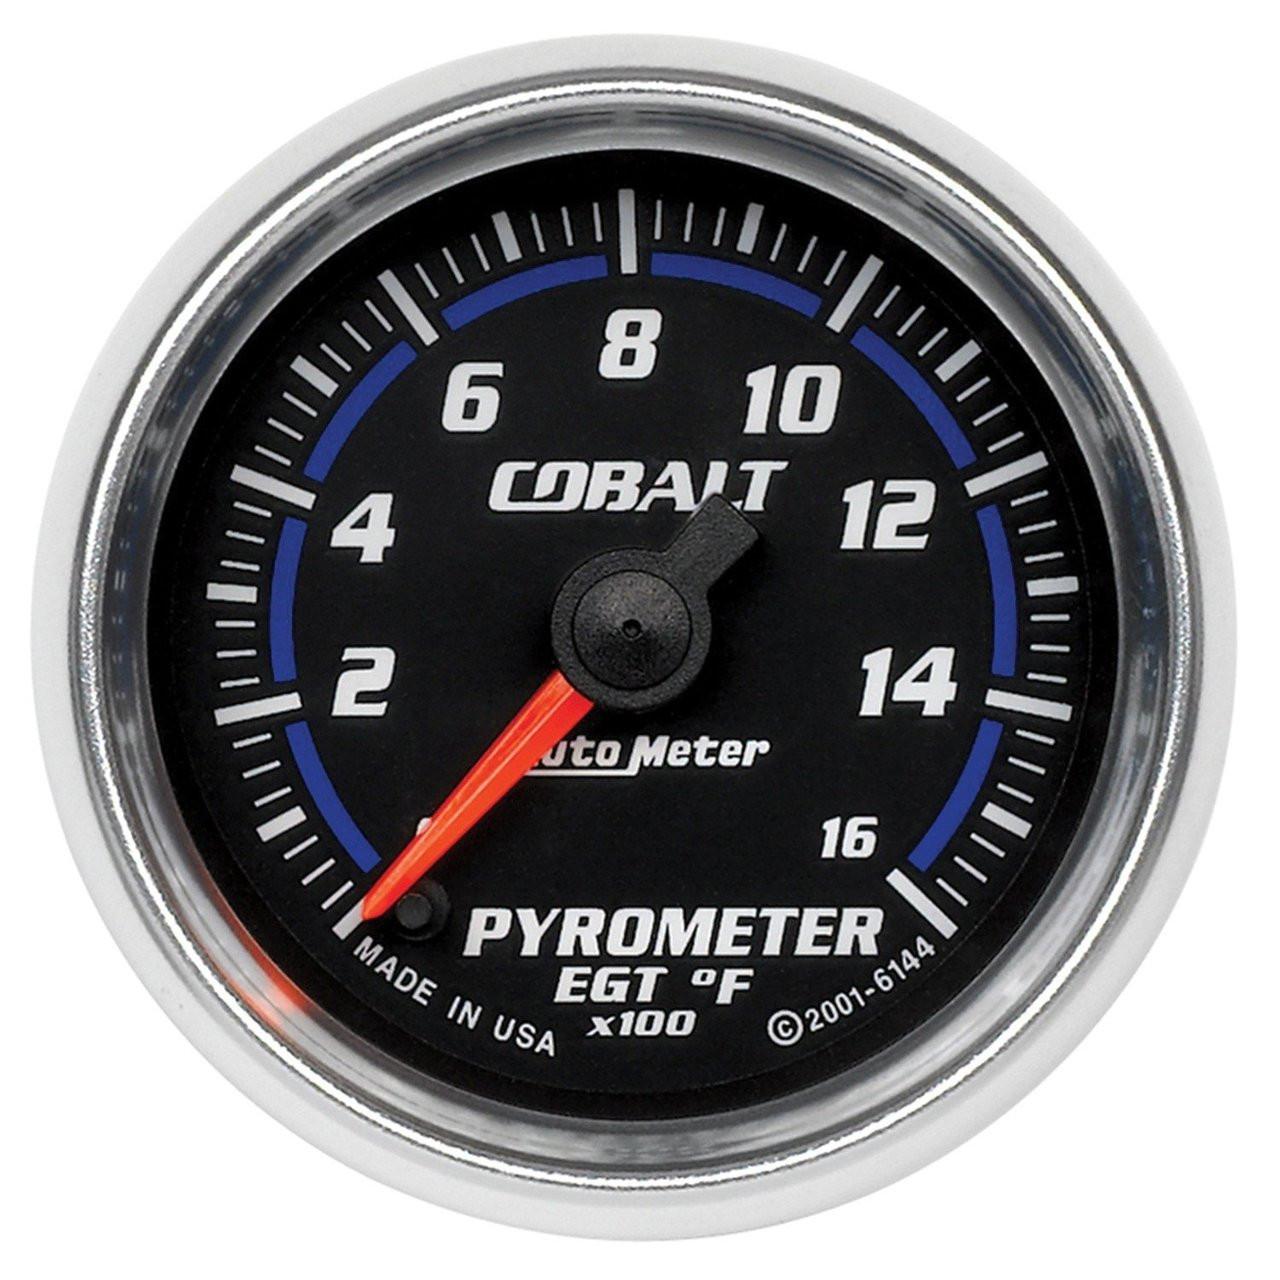 AM - Cobalt Pyrometer (0º~1600ºF) 6144 - 1023 Diesel & Fleet INC1023 Diesel